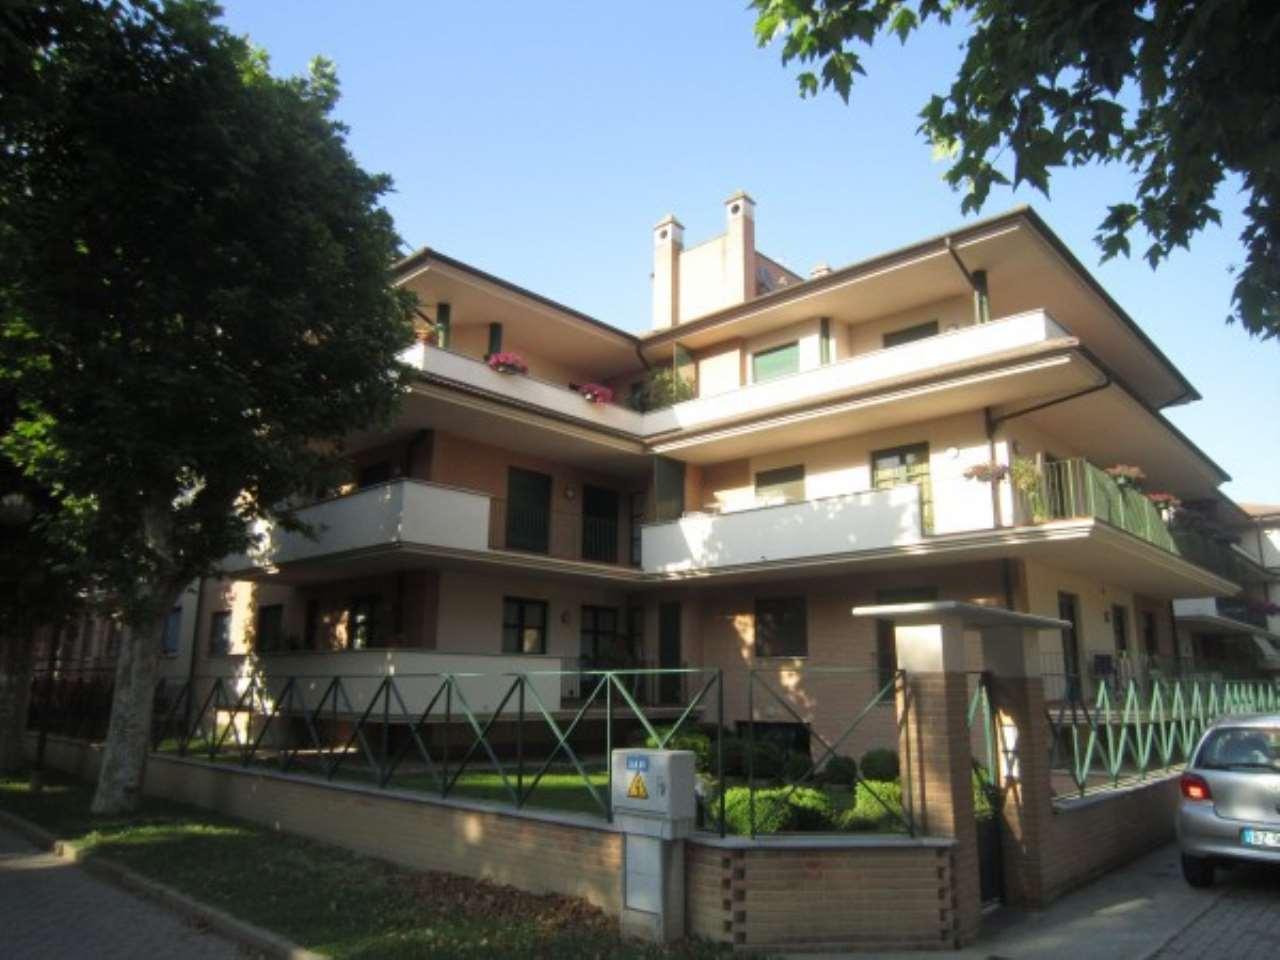 Appartamento in affitto a Cherasco, 6 locali, prezzo € 550 | CambioCasa.it